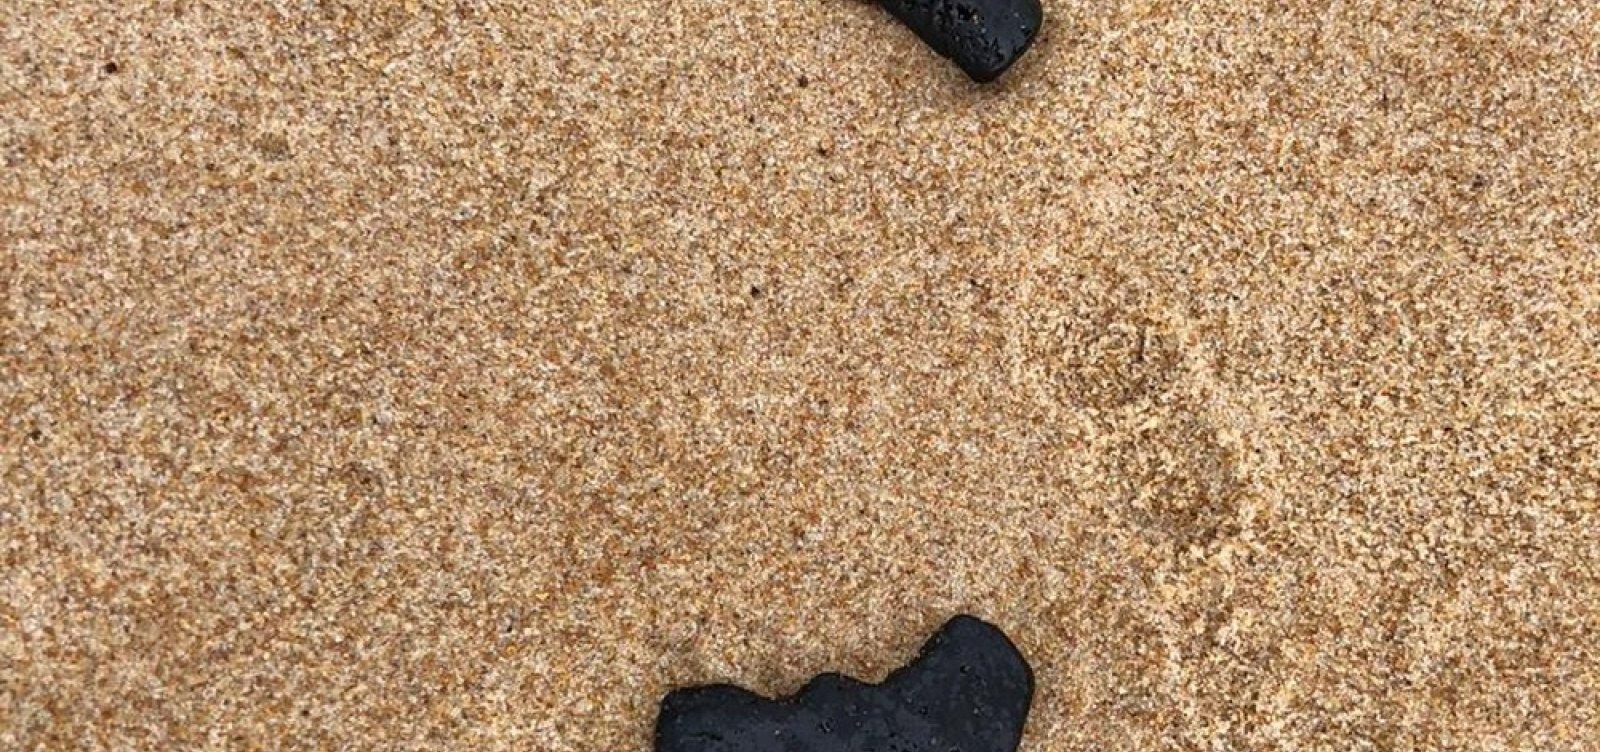 [Manchas de óleo são encontradas em praia de Camaçari]